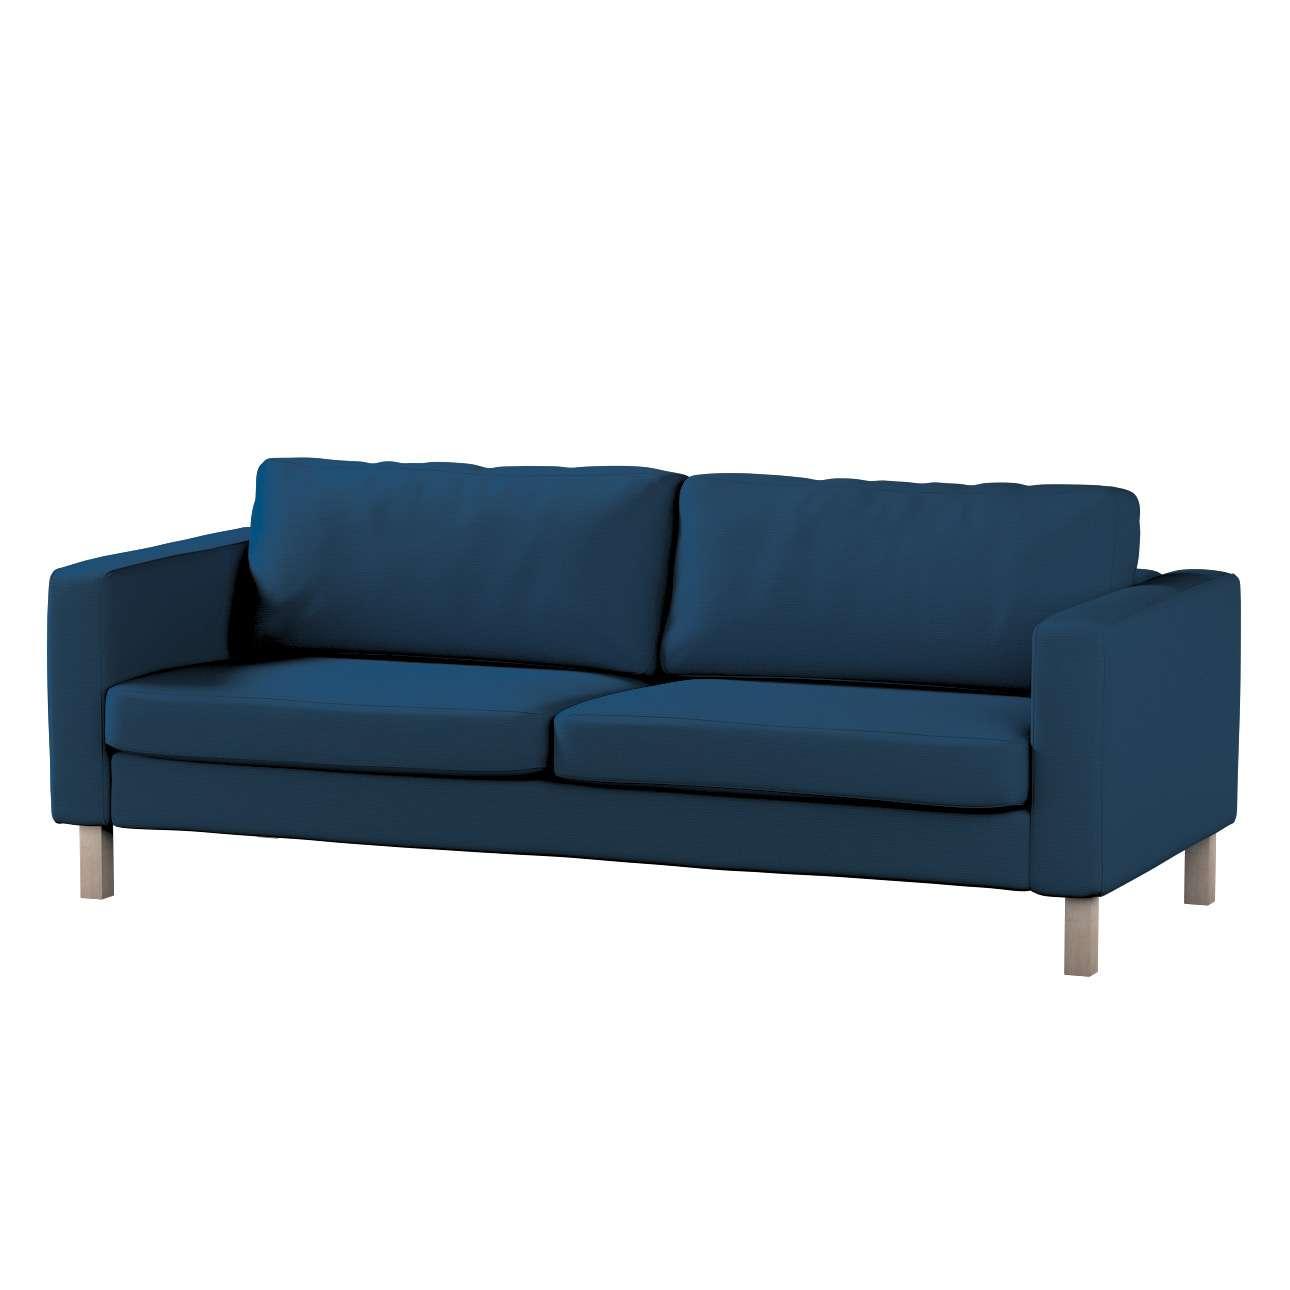 Pokrowiec na sofę Karlstad 3-osobową nierozkładaną, krótki Sofa Karlstad 3-osobowa w kolekcji Cotton Panama, tkanina: 702-30